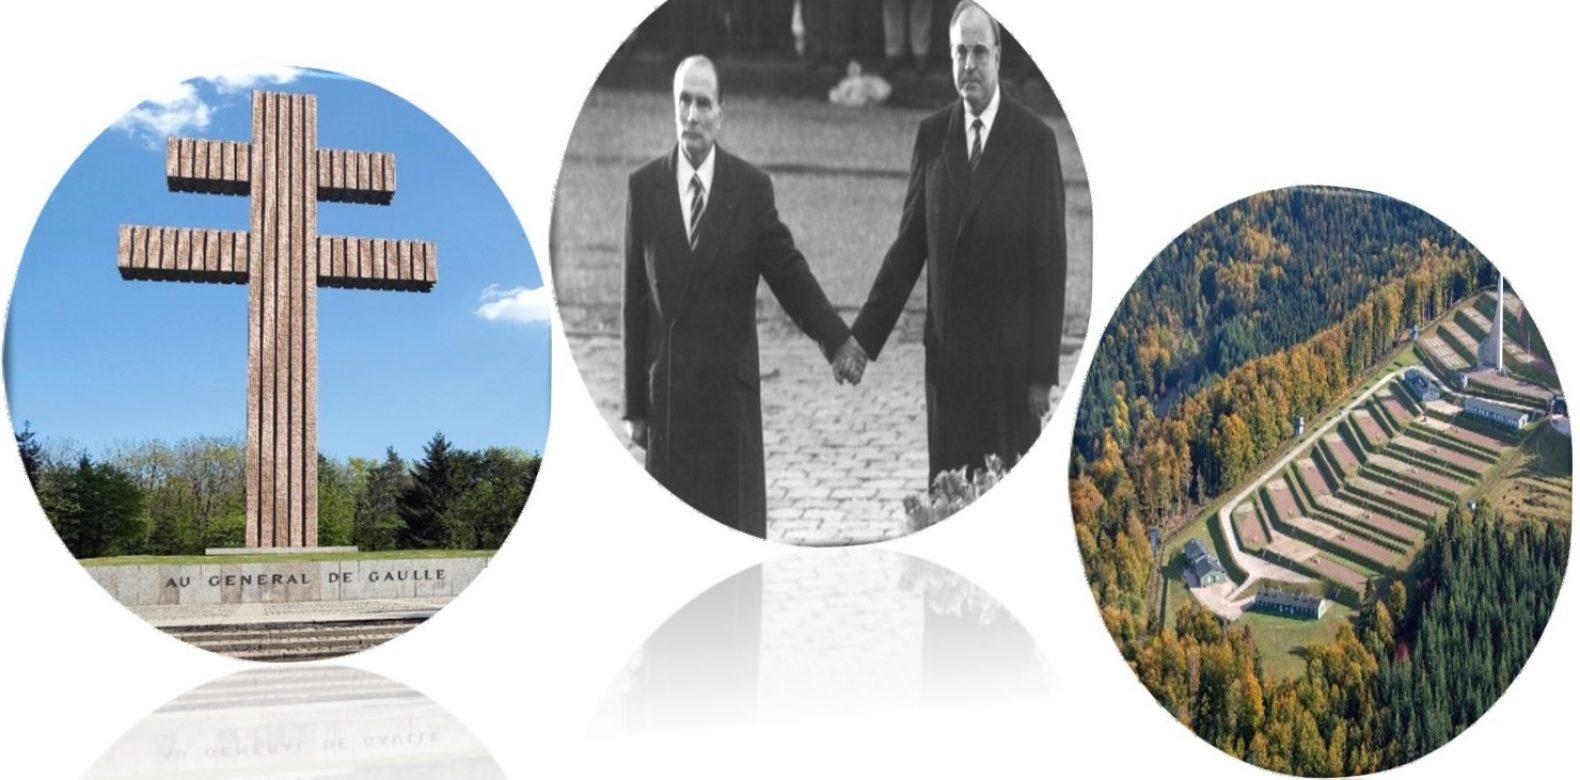 Tourisme mémoriel : identité de notre Région, histoire commune, enjeu économique